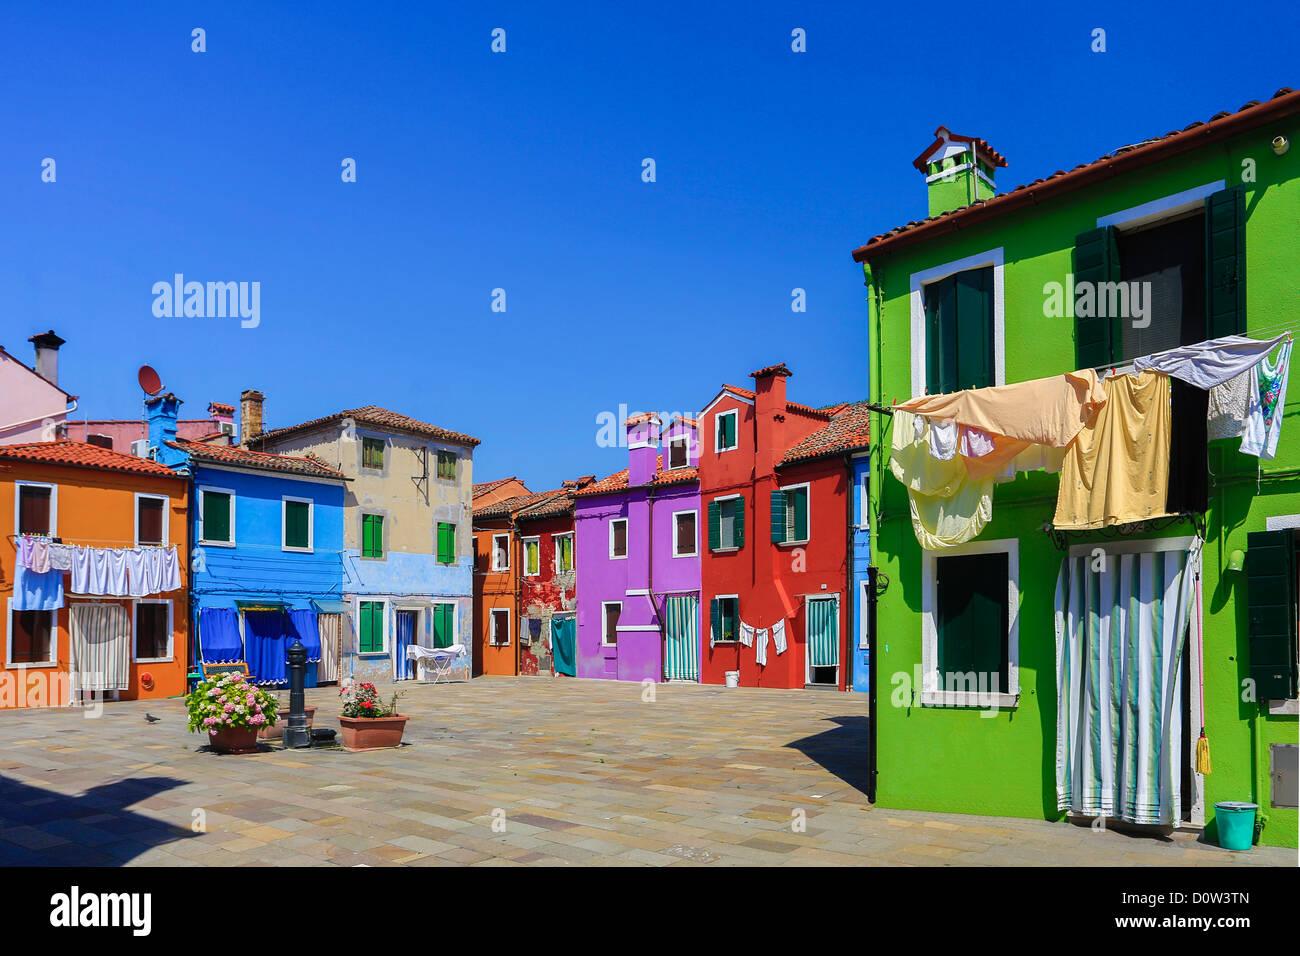 L'Italie, l'Europe, voyage, Burano, architecture, colorées, couleurs, tourisme, Venise, maisons Photo Stock